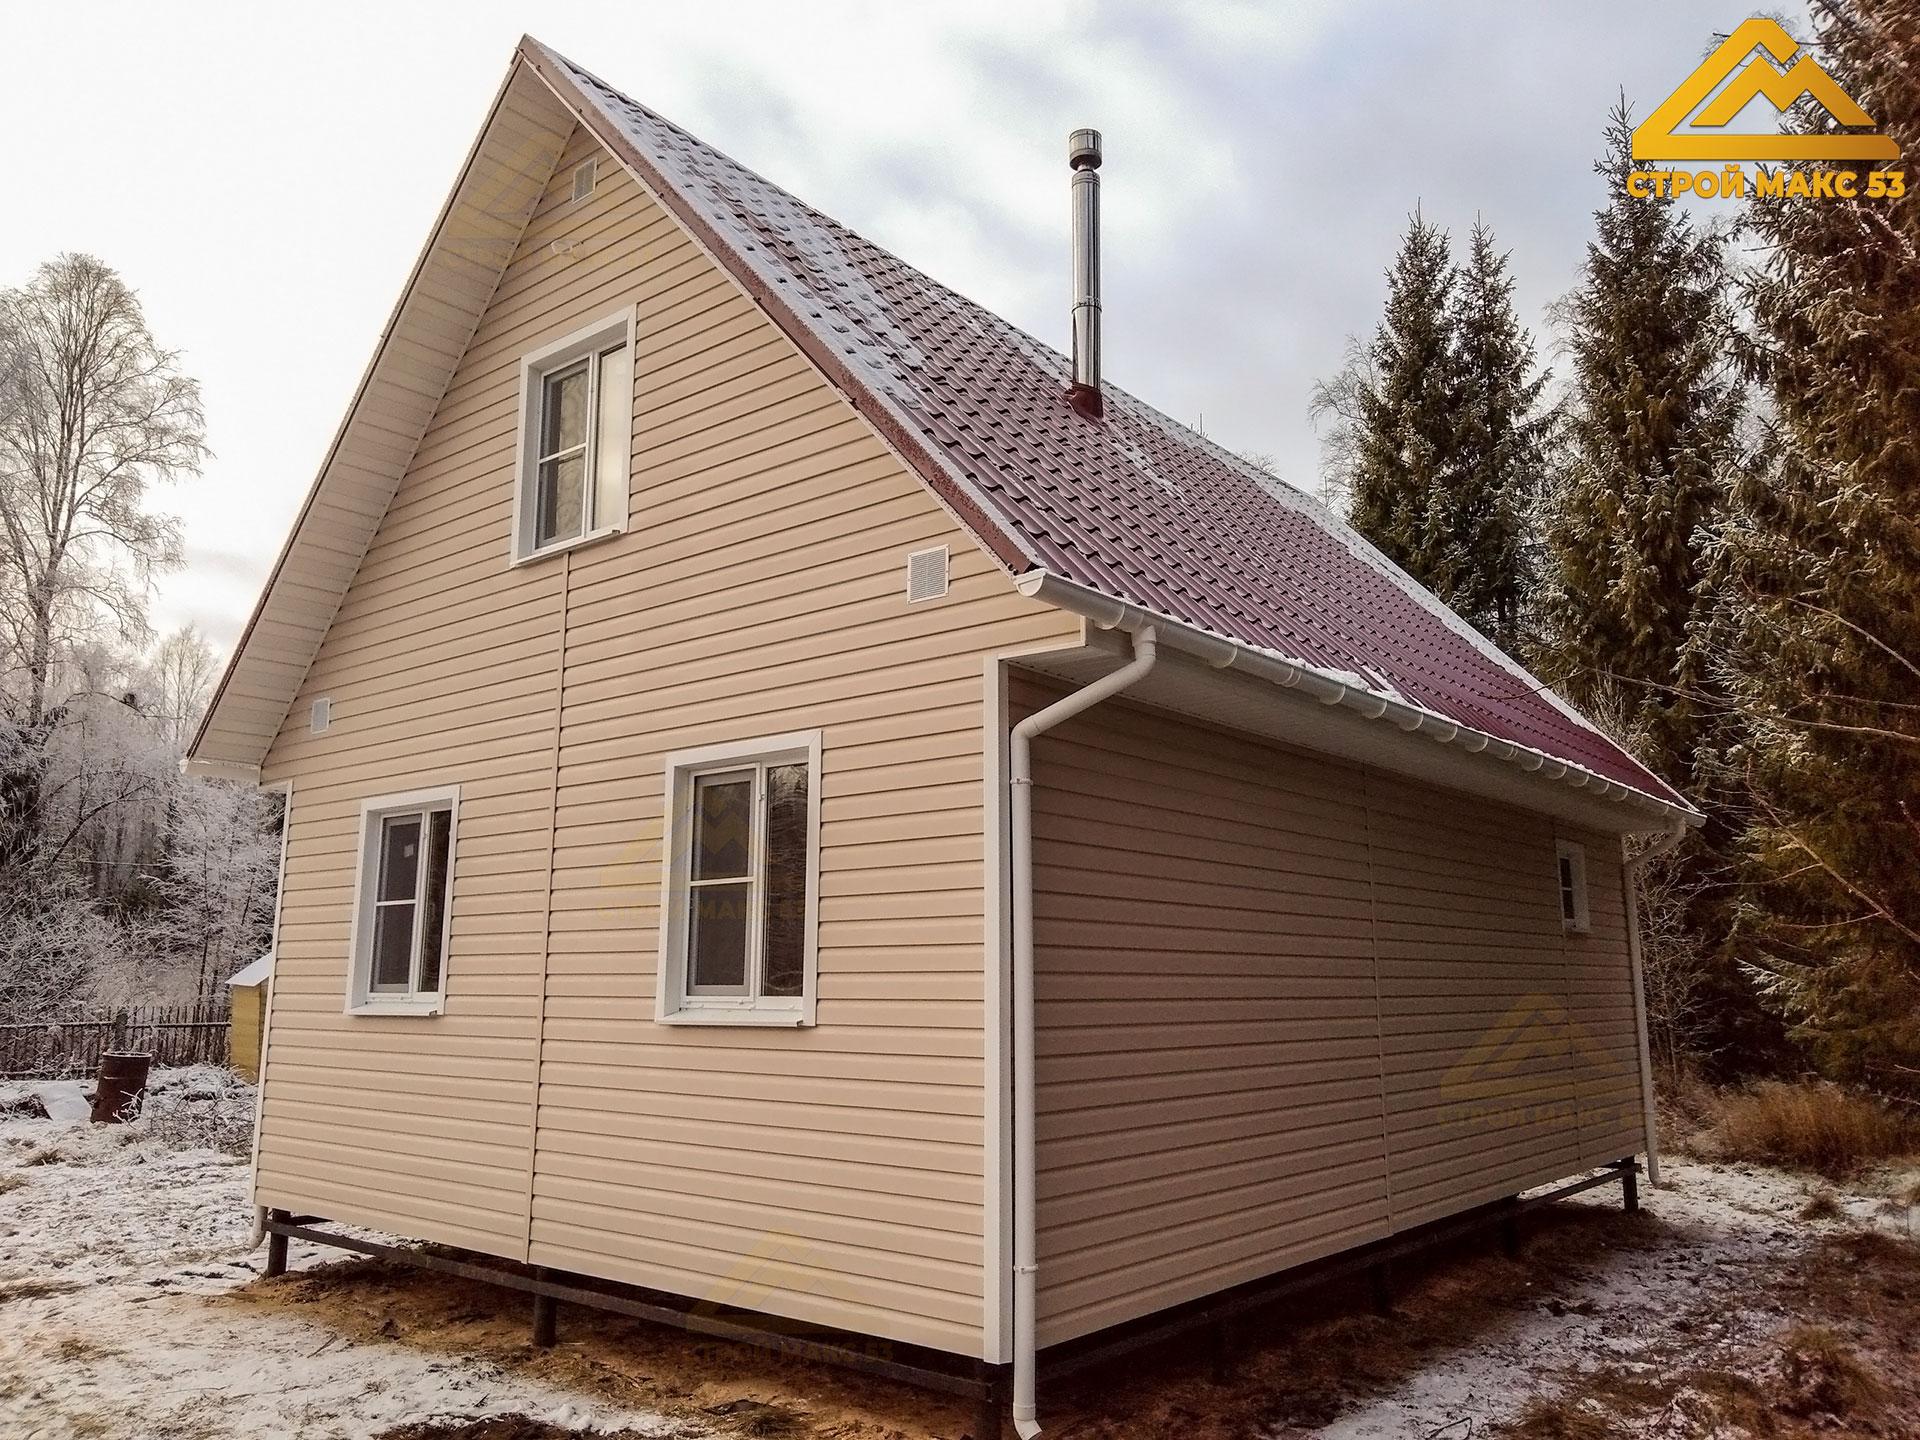 фото 2 каркасного дома 6 на 9 под ключ по проекту №16-Б